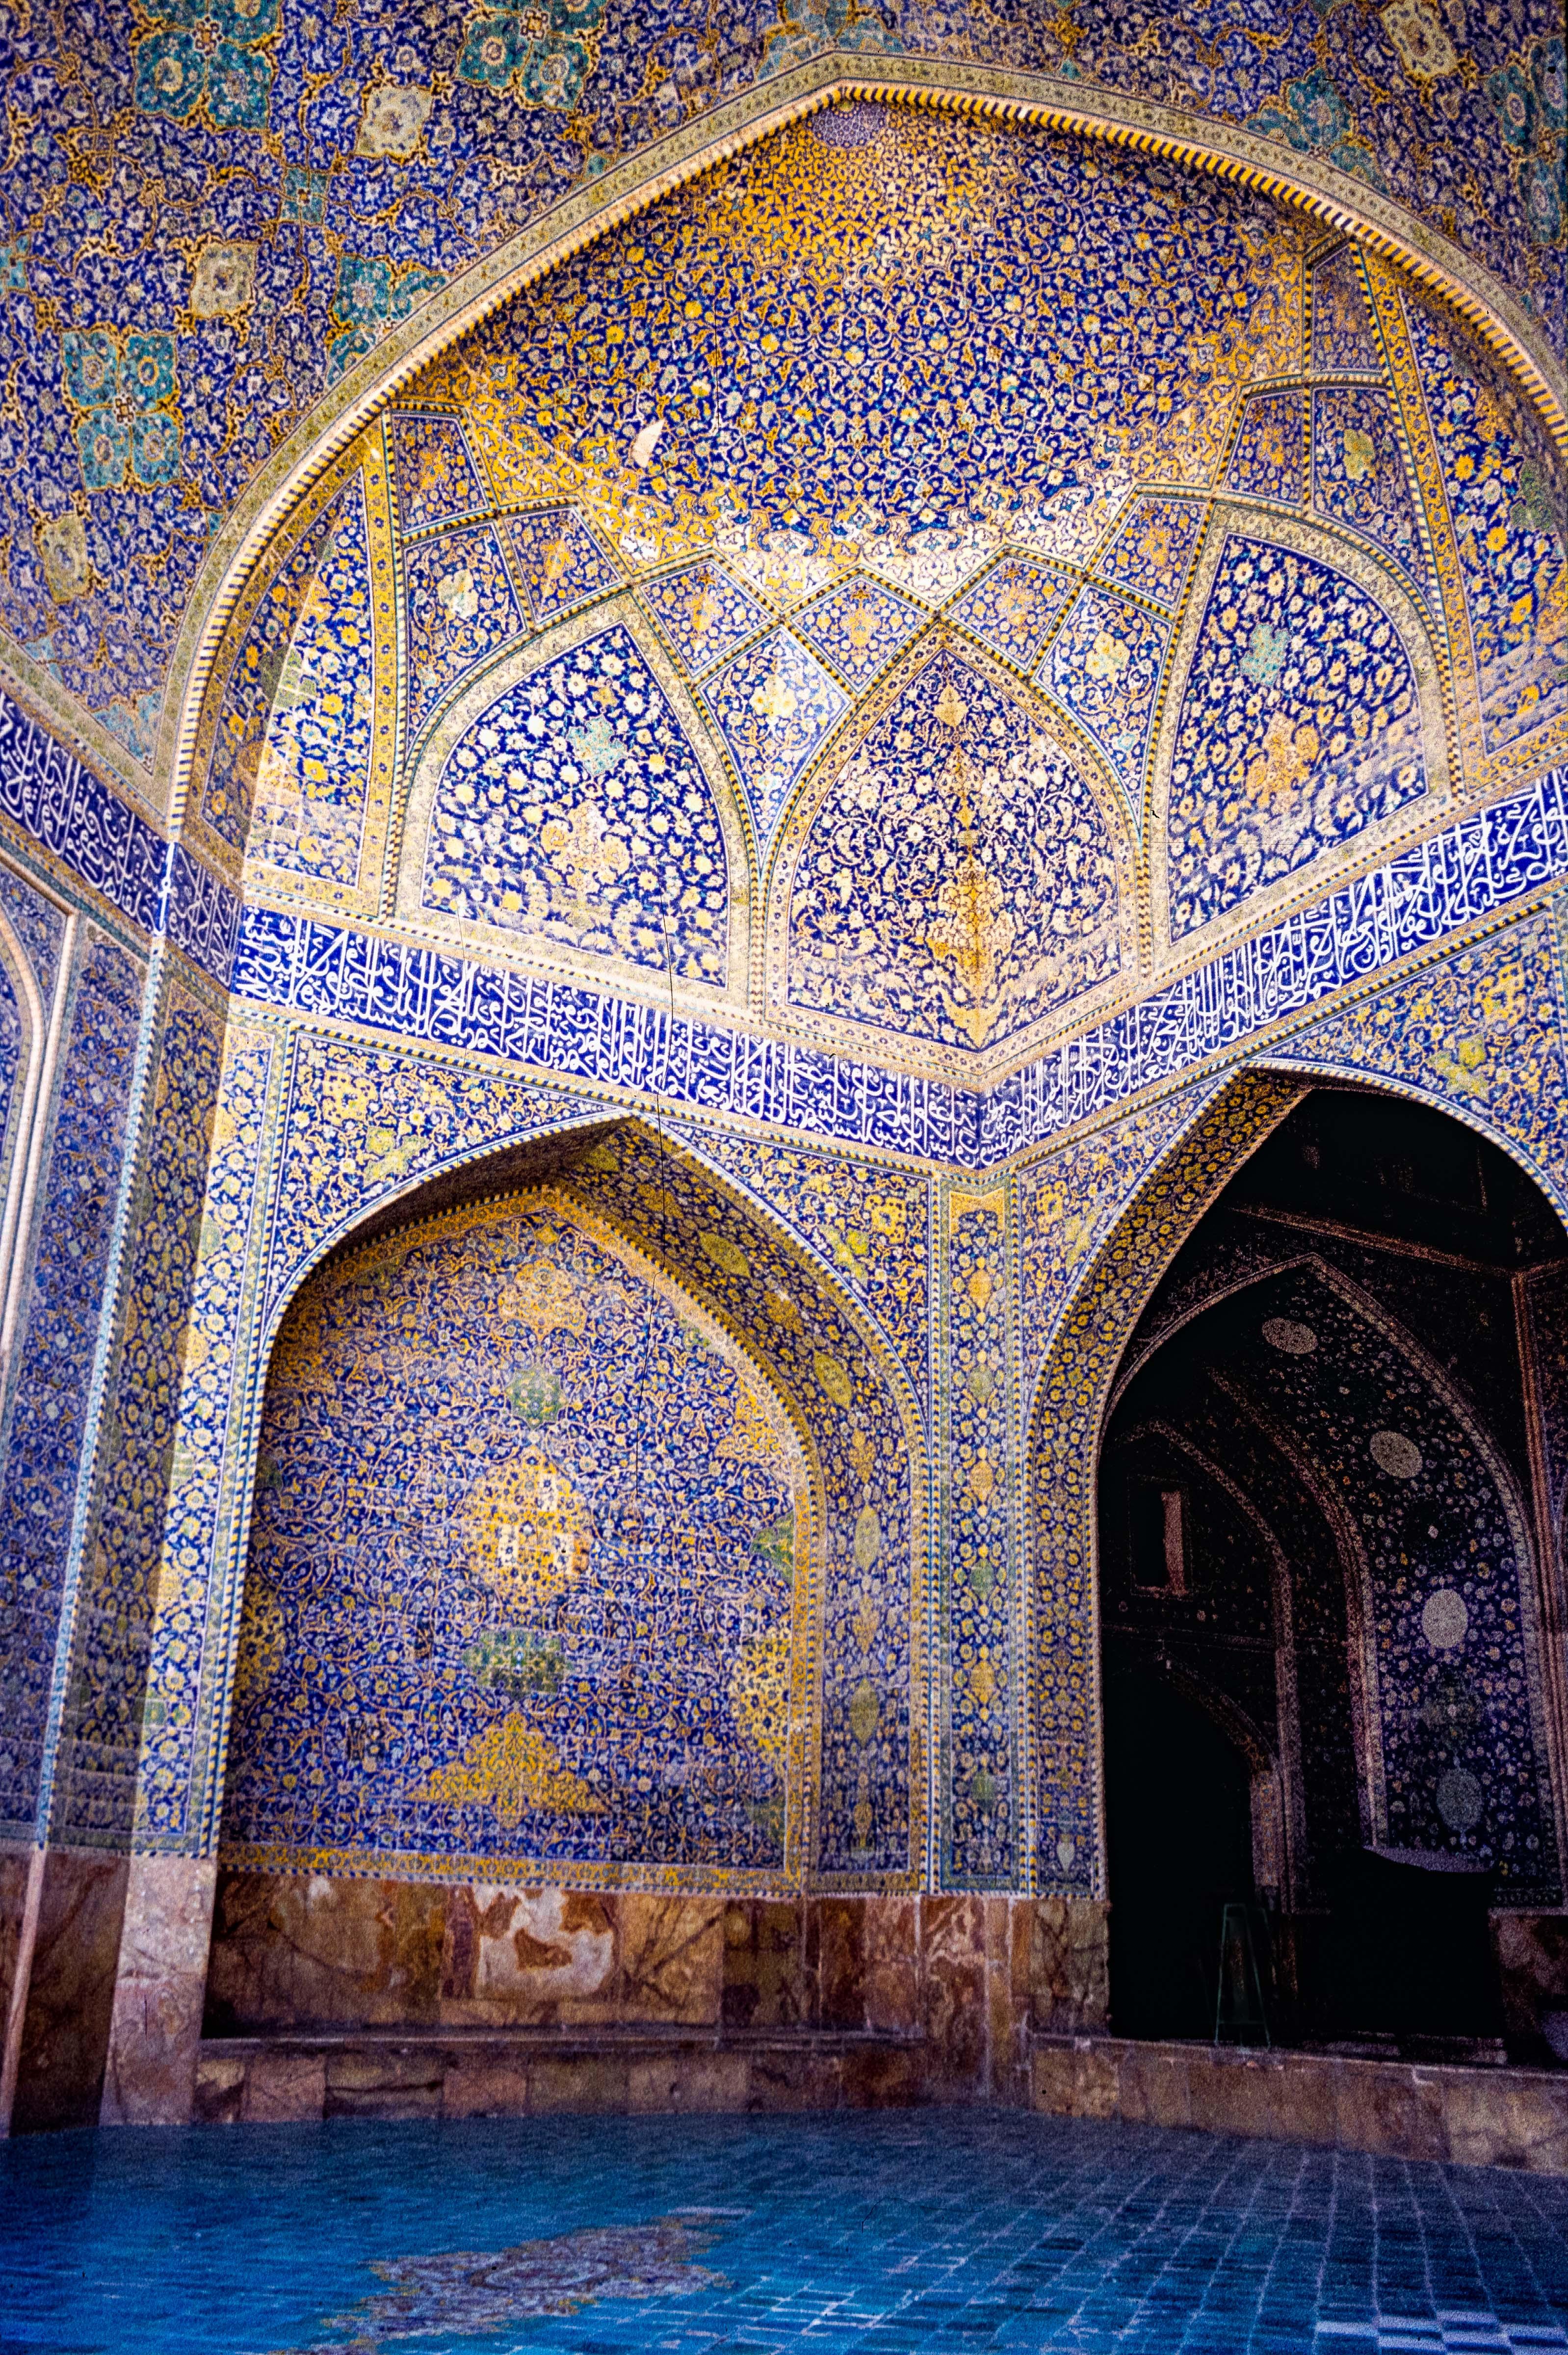 Iran, Esfahan, Mosque Tiles, 1984